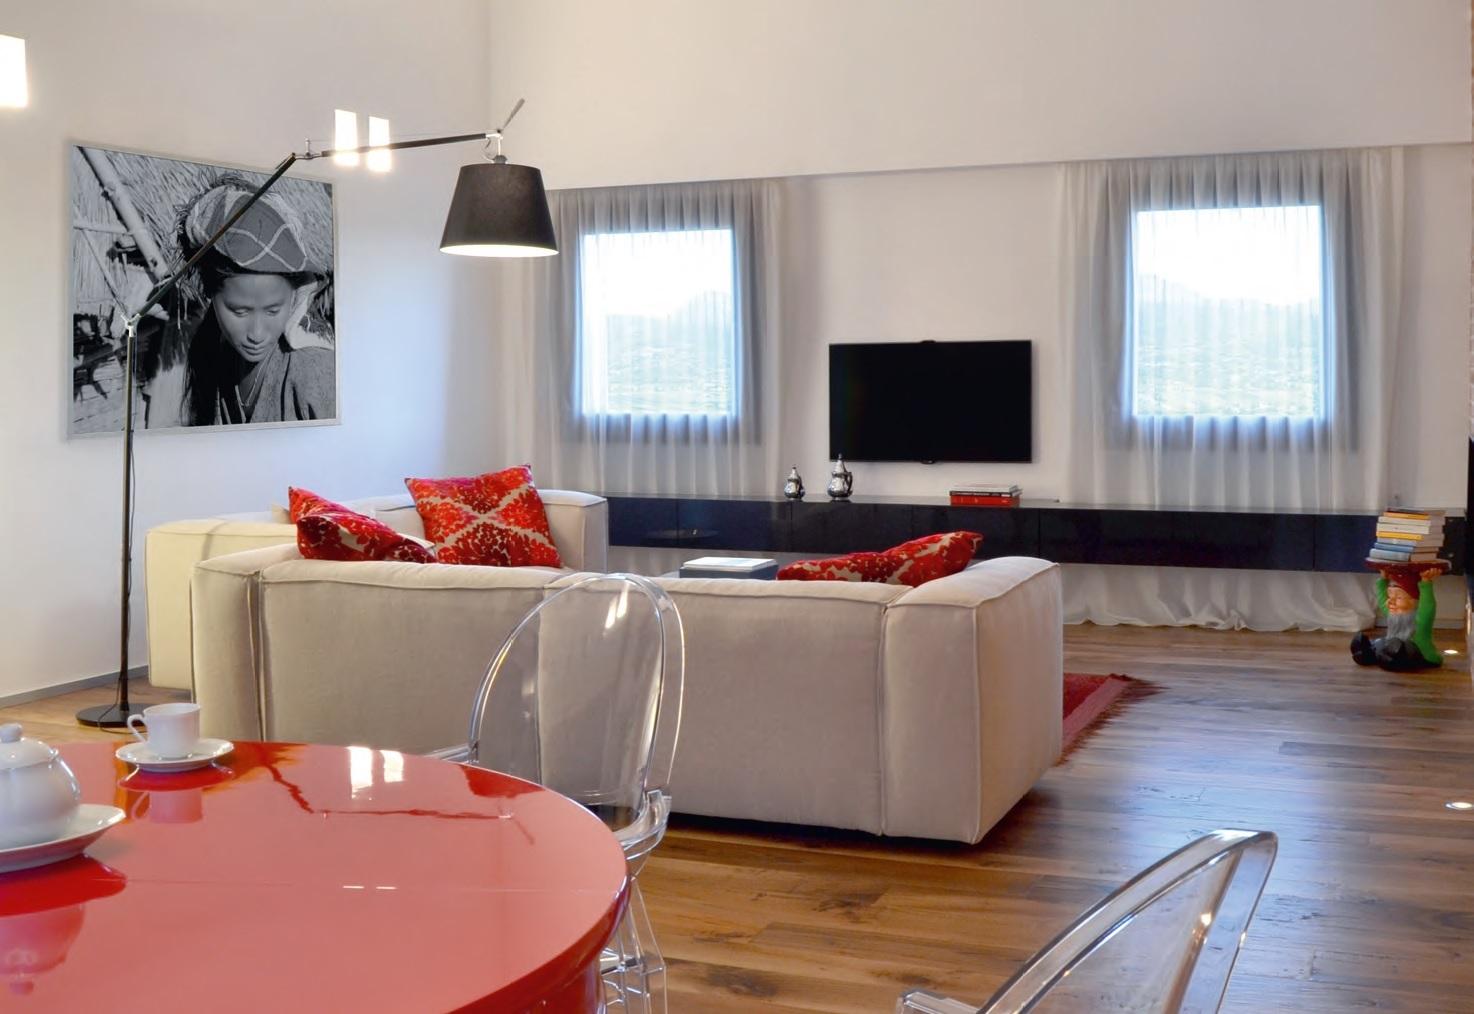 Ben noto Antico e moderno: un progetto di fusione | Ville&Casali ZJ41